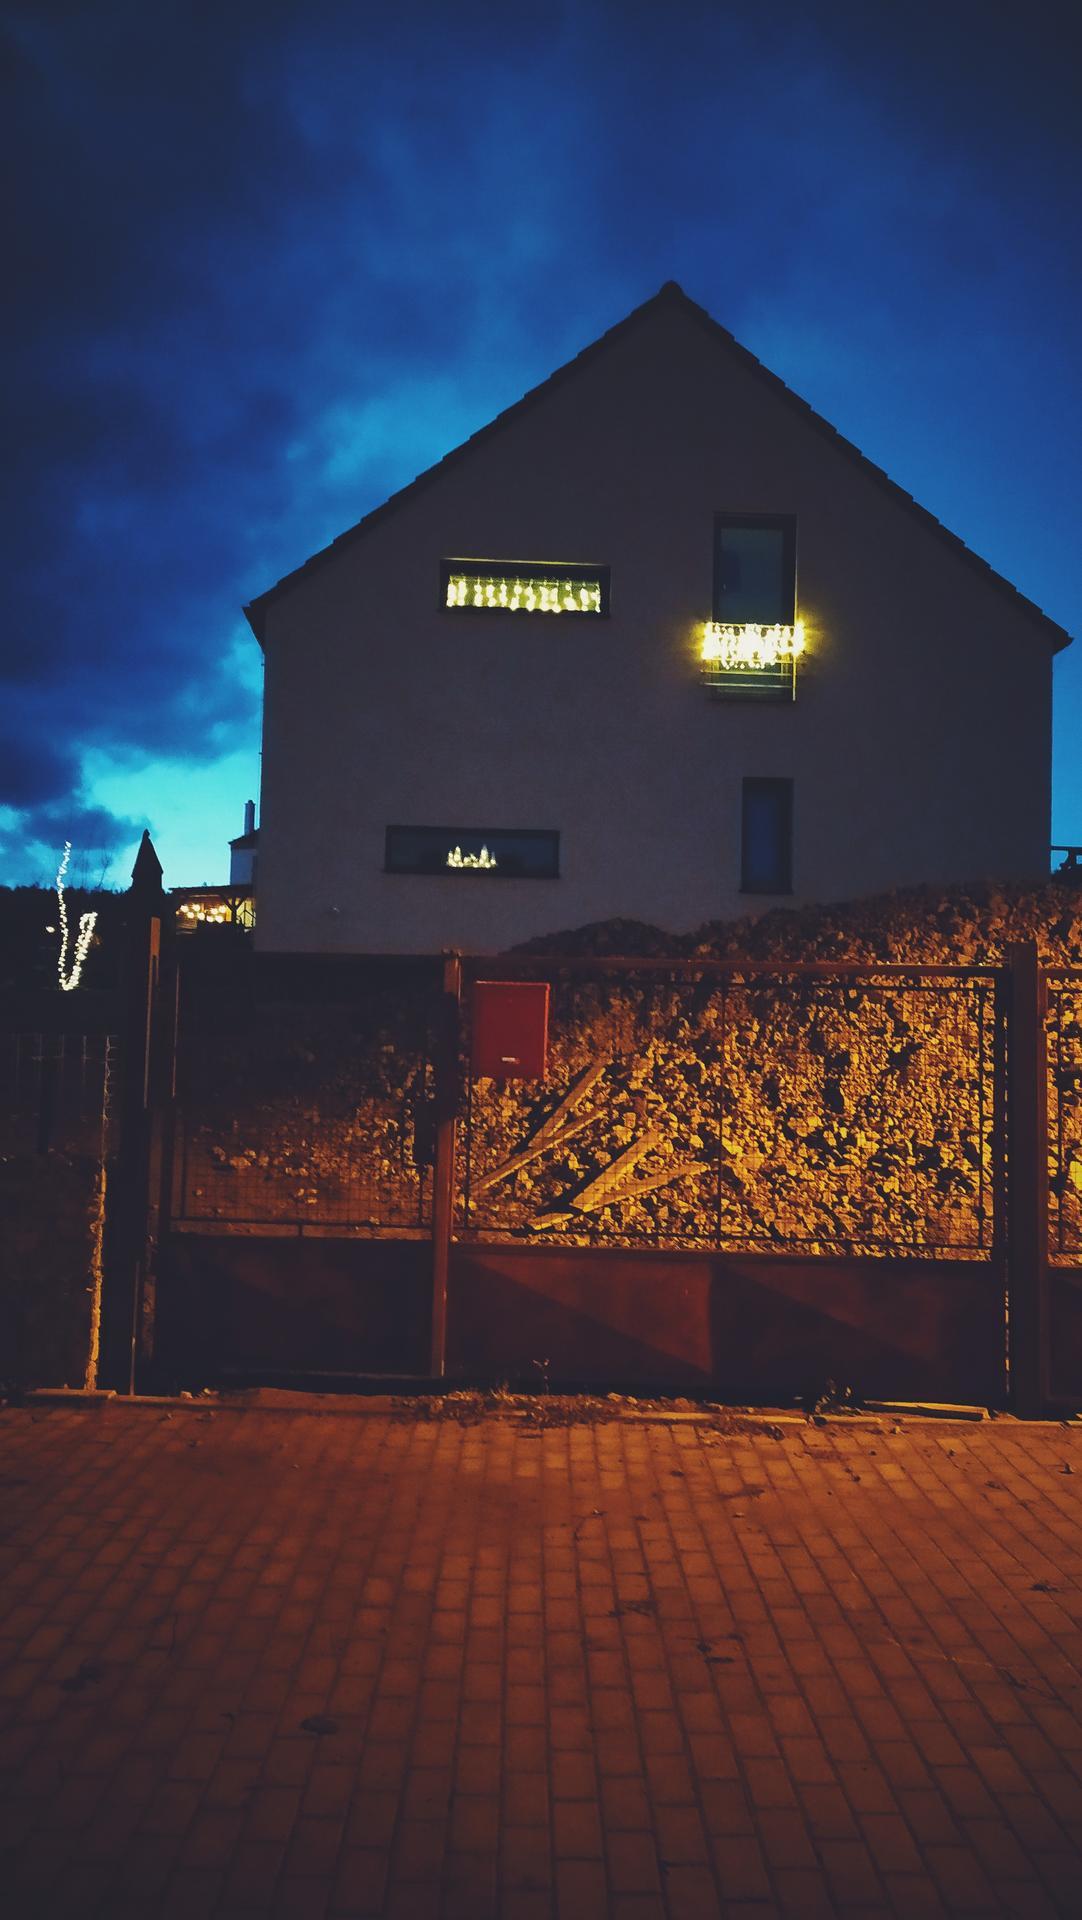 Náš domov ve svahu - Zepředu dům pořád vypadá jako na stavbě, ale světýlka nesmí chybět :D